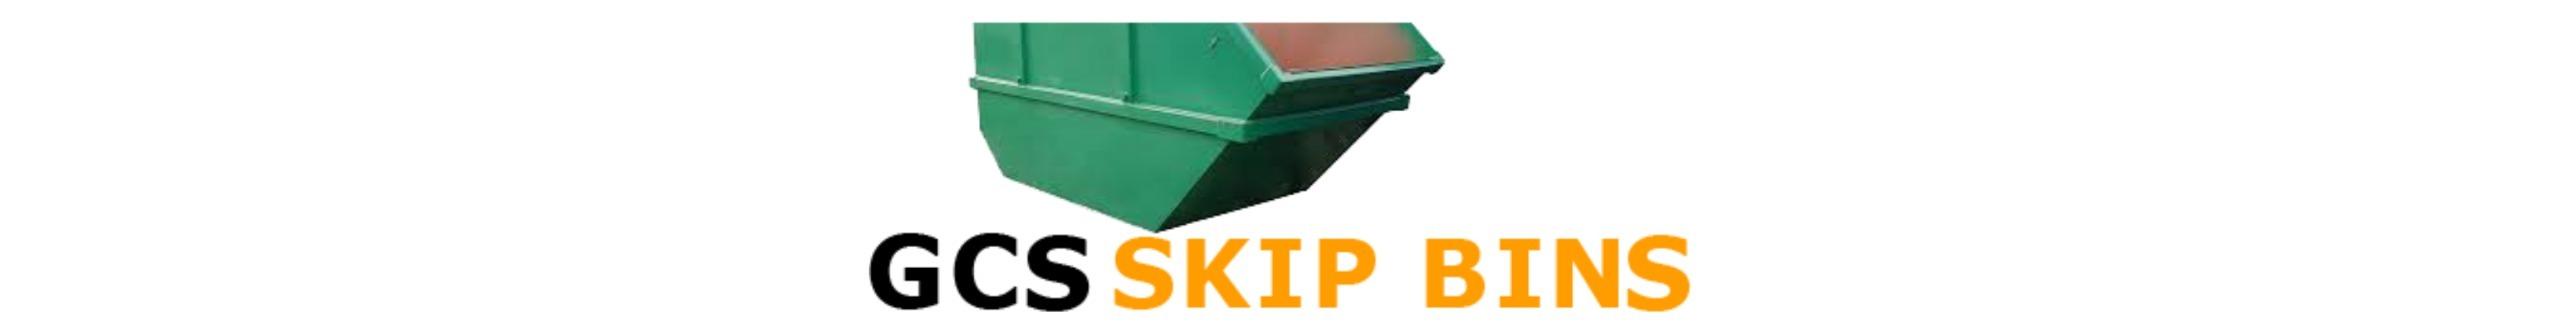 Geelong Skip Bins (@geelongskipbins) Cover Image